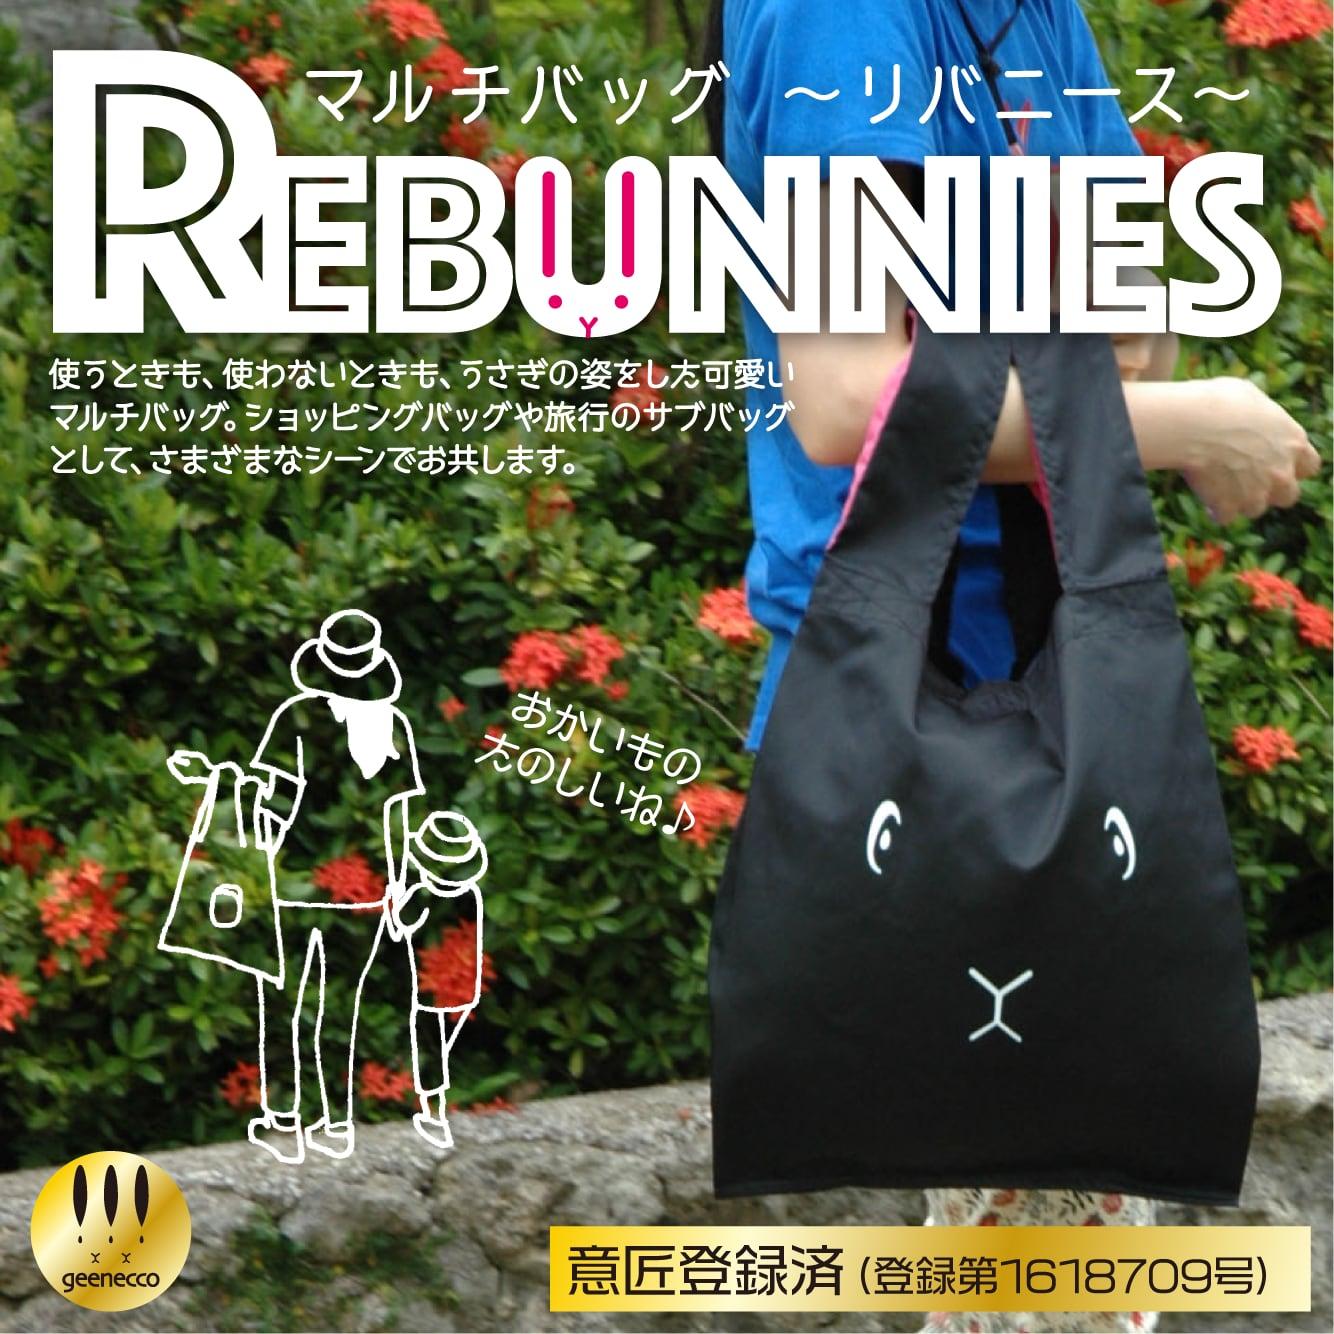 【再販】うさぎがウサギに変身するバッグ REBUNNIES(リバニース)ブラック×ブルー